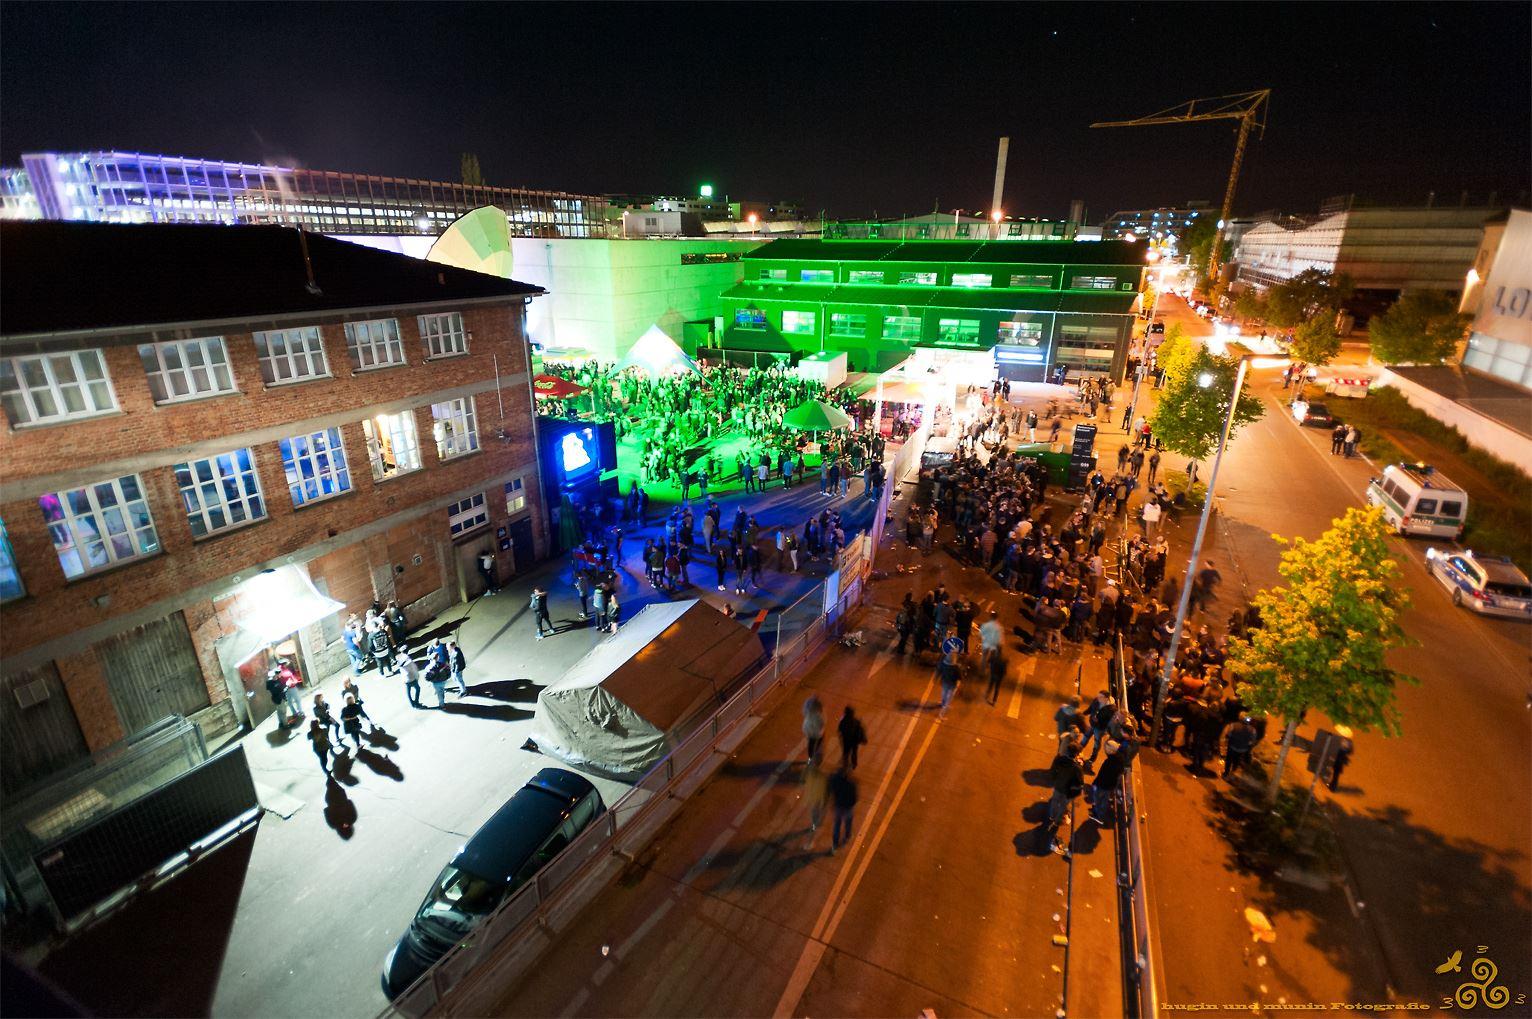 http://www.rockfabrik-ludwigsburg.de/wp-content/uploads/2017/03/13130913_976366562431433_6297855077621319281_o.jpg